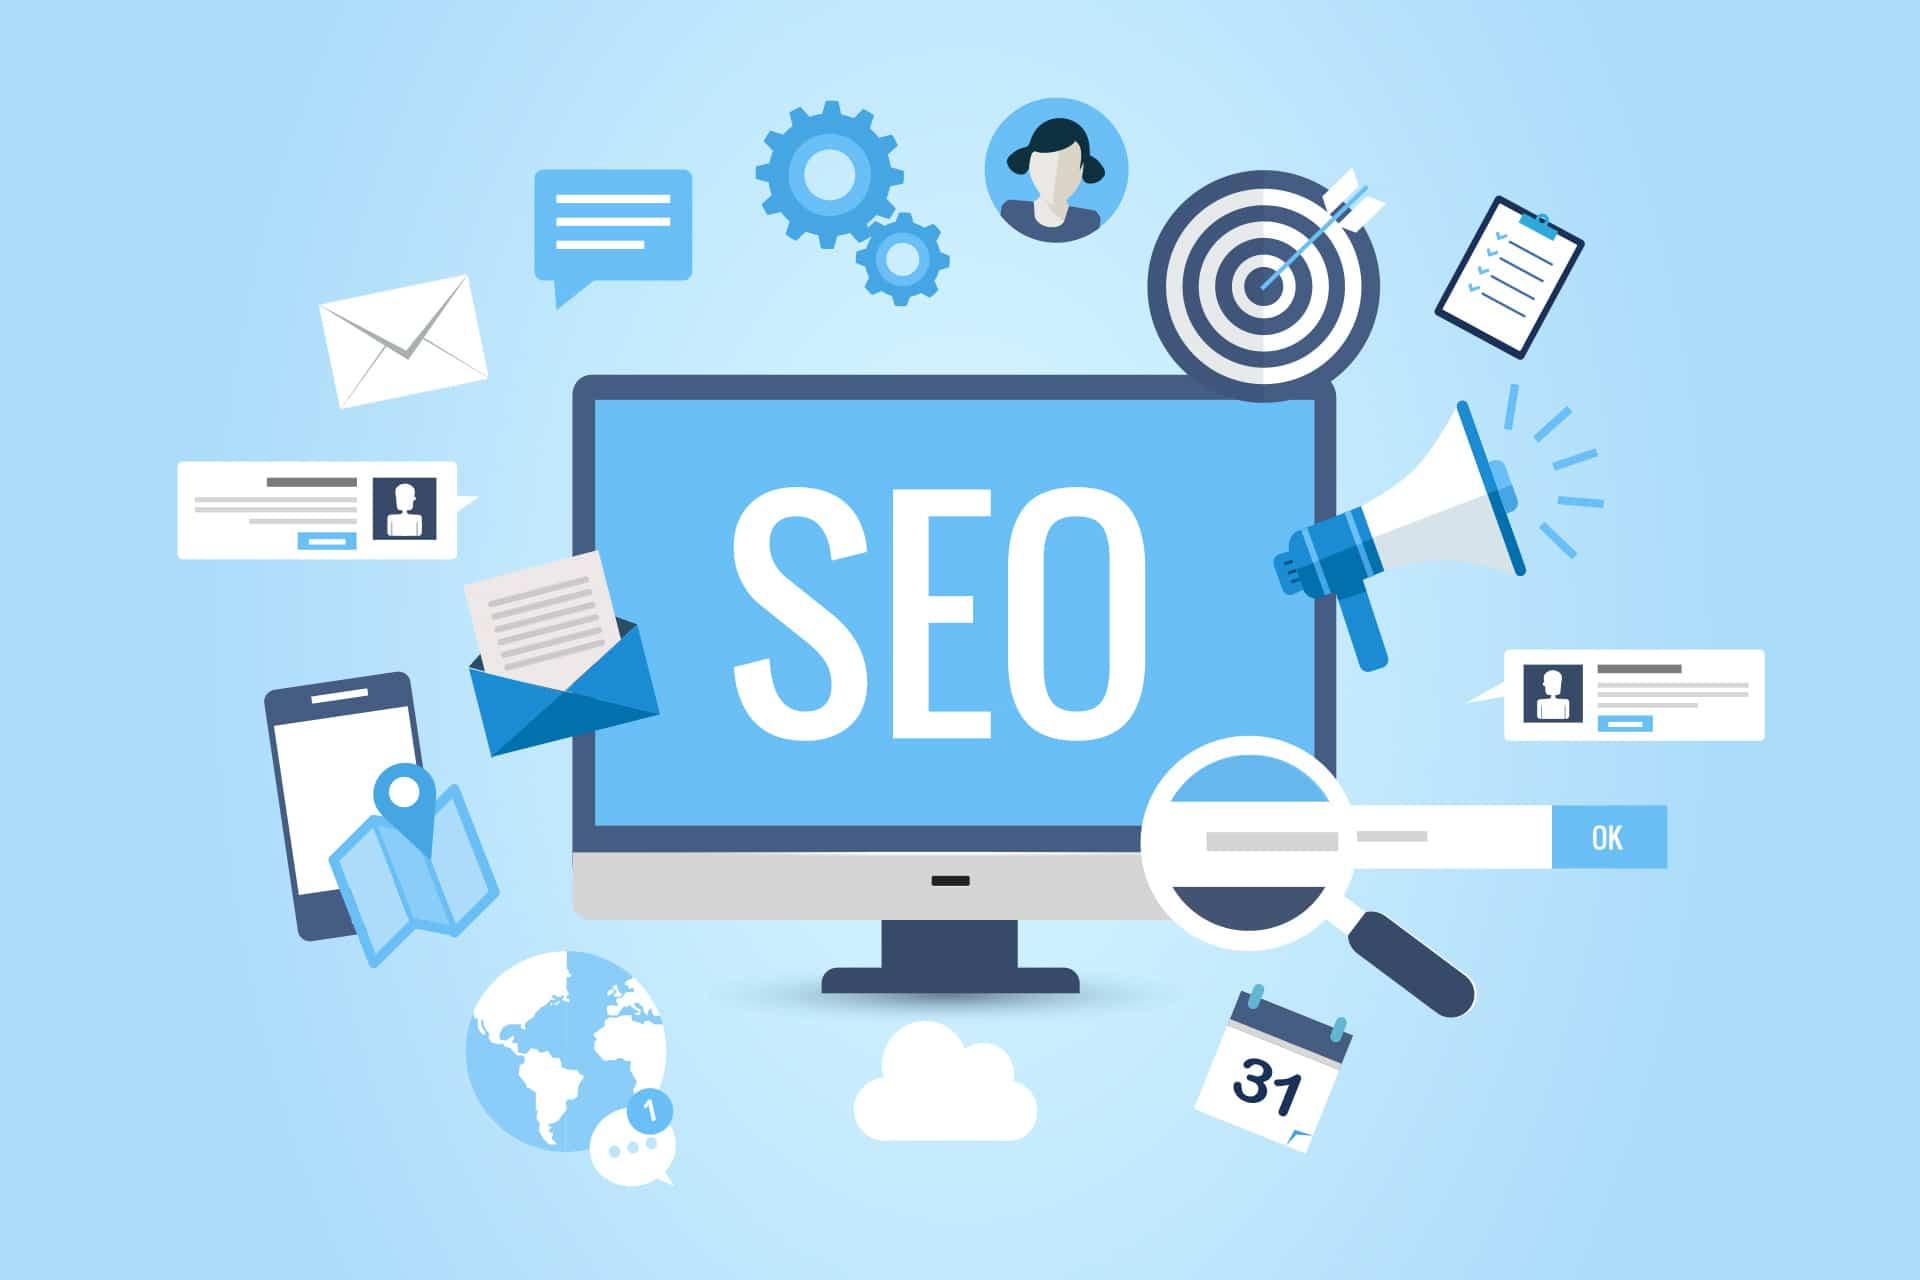 Vai trò của SEO trong chiến dịch marketing thành công - HapoDigital